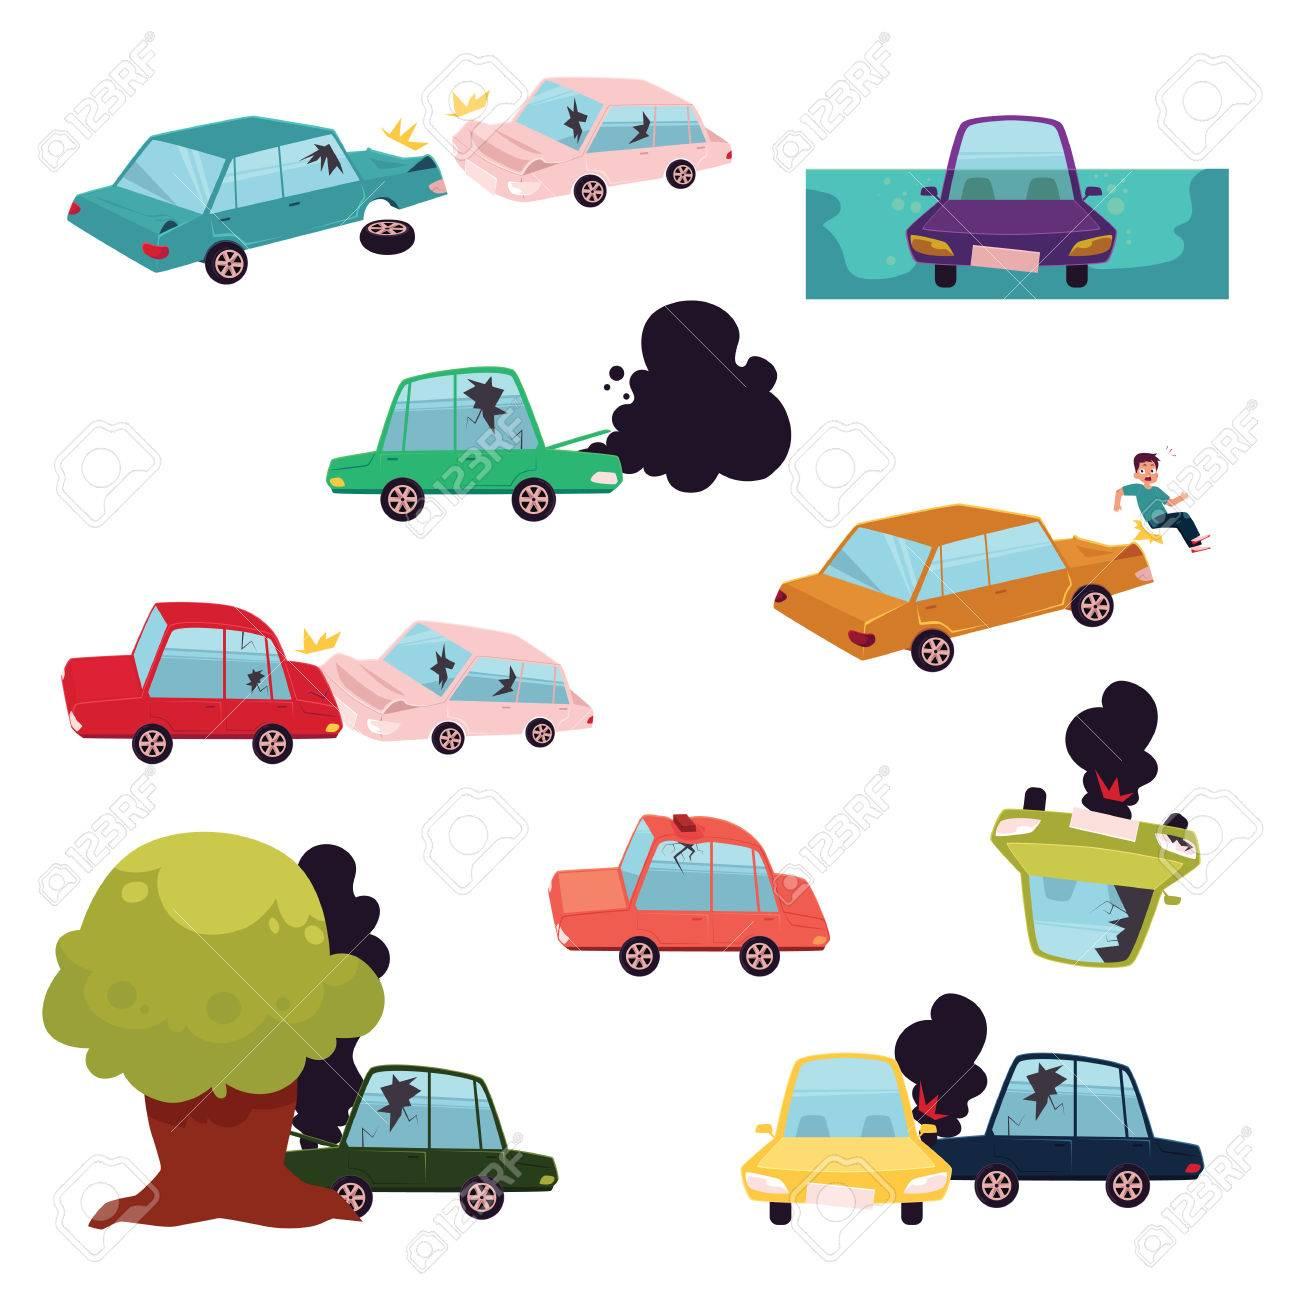 Accident De Voiture, Accident De La Route, Ensemble De Collision De  Véhicule À Moteur, Illustration De Vecteur De Dessin Animé Plat Isolé Sur  Fond encequiconcerne Jeux De Voiture Accident